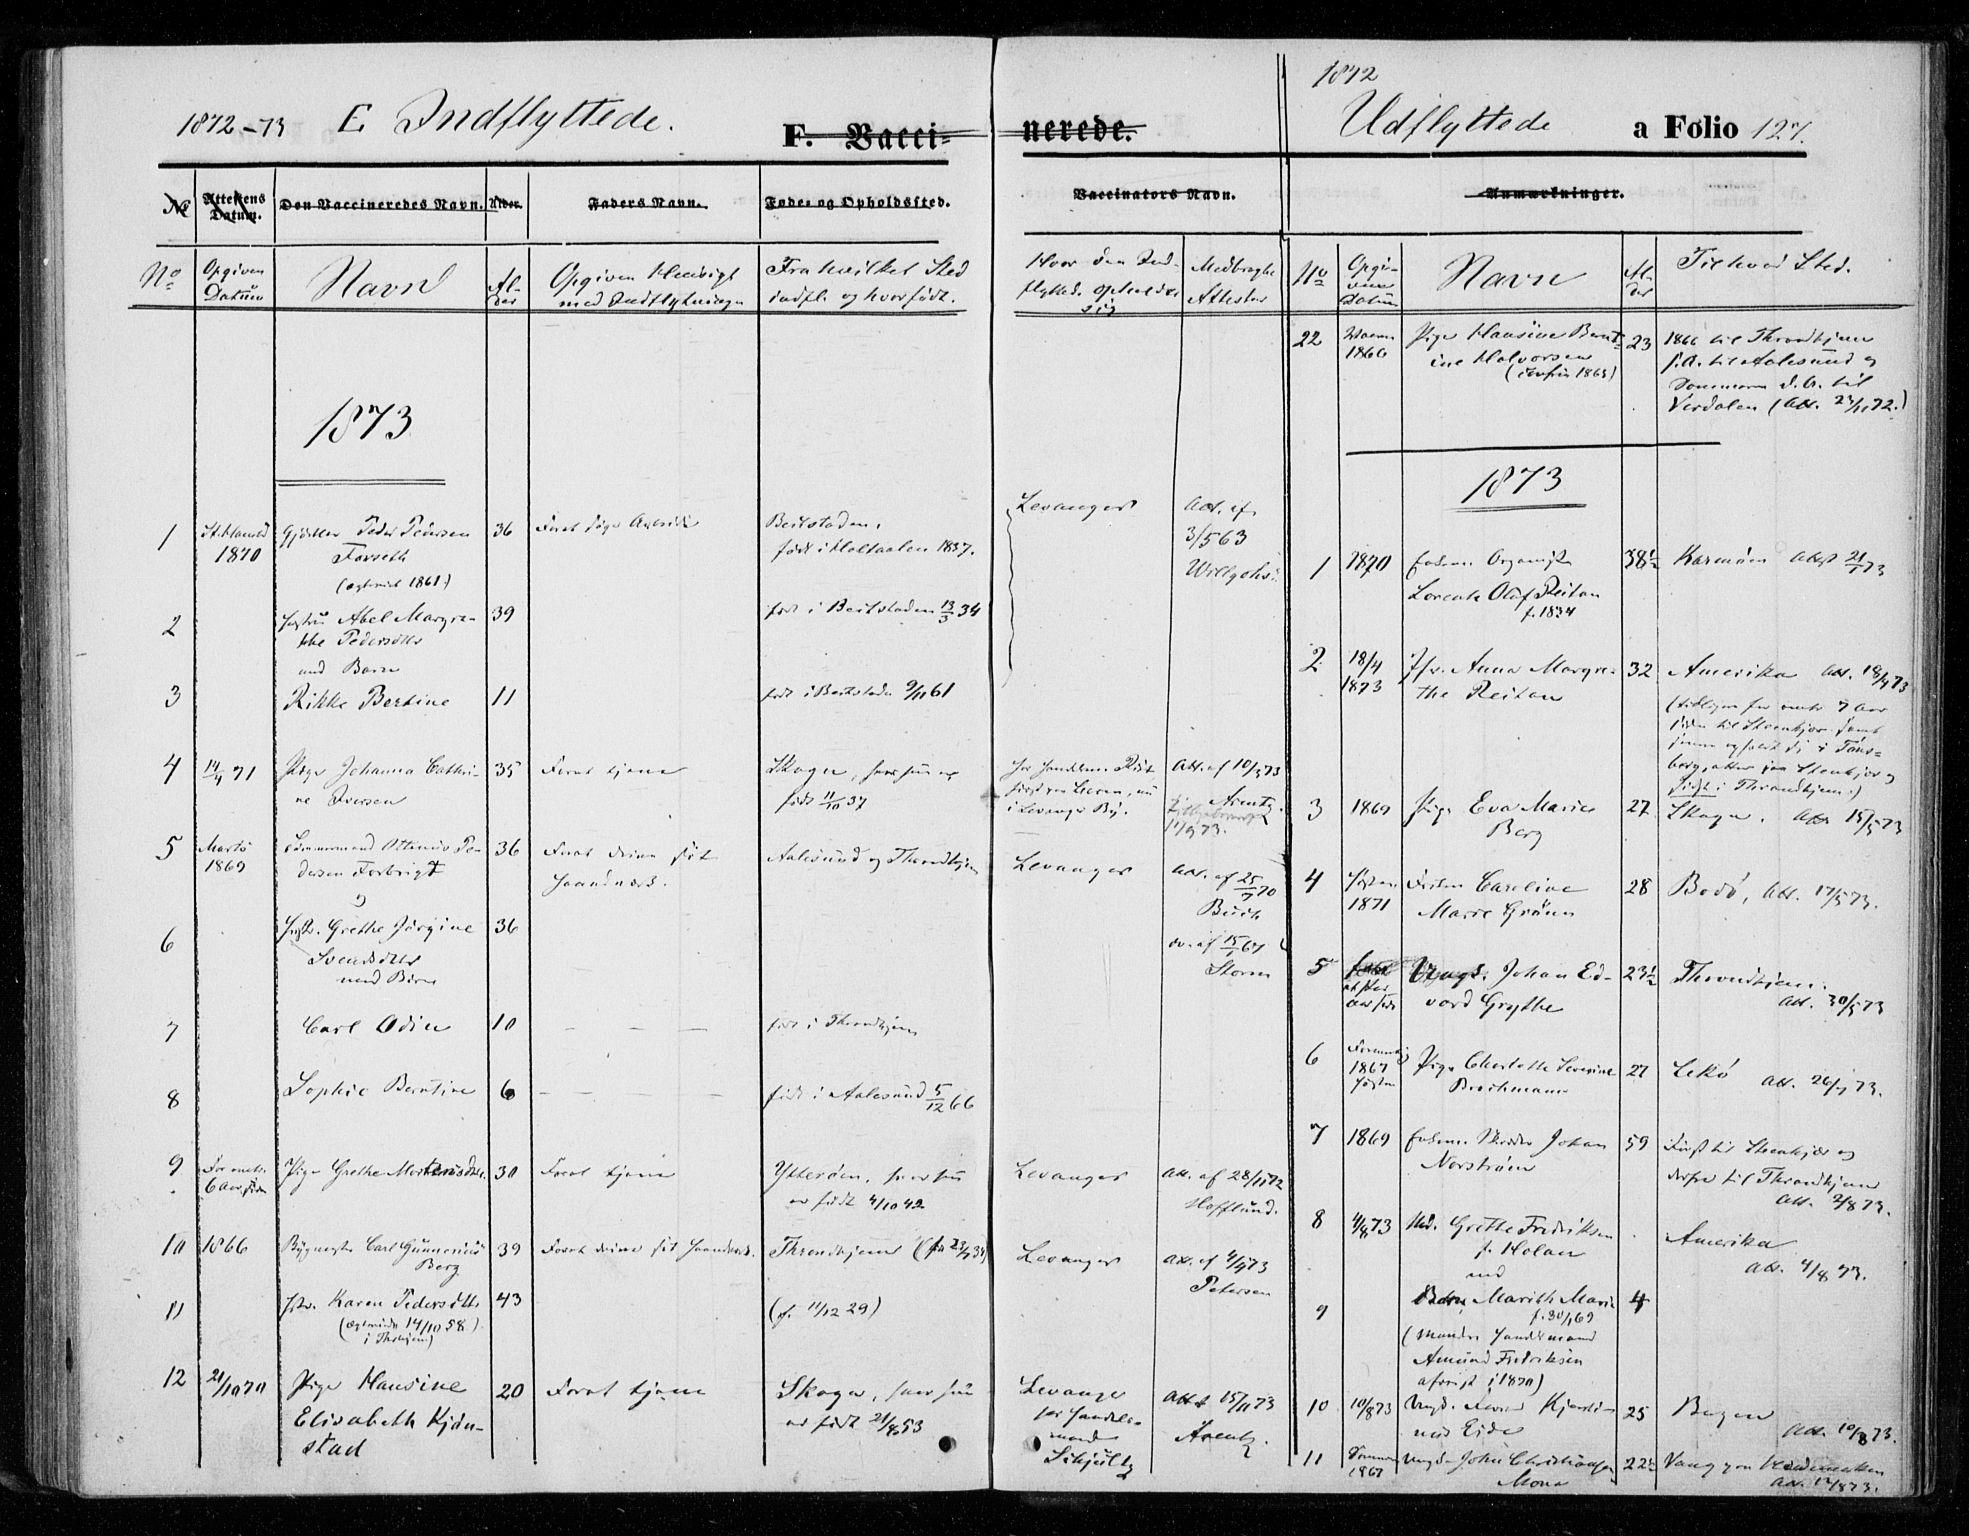 SAT, Ministerialprotokoller, klokkerbøker og fødselsregistre - Nord-Trøndelag, 720/L0186: Ministerialbok nr. 720A03, 1864-1874, s. 127